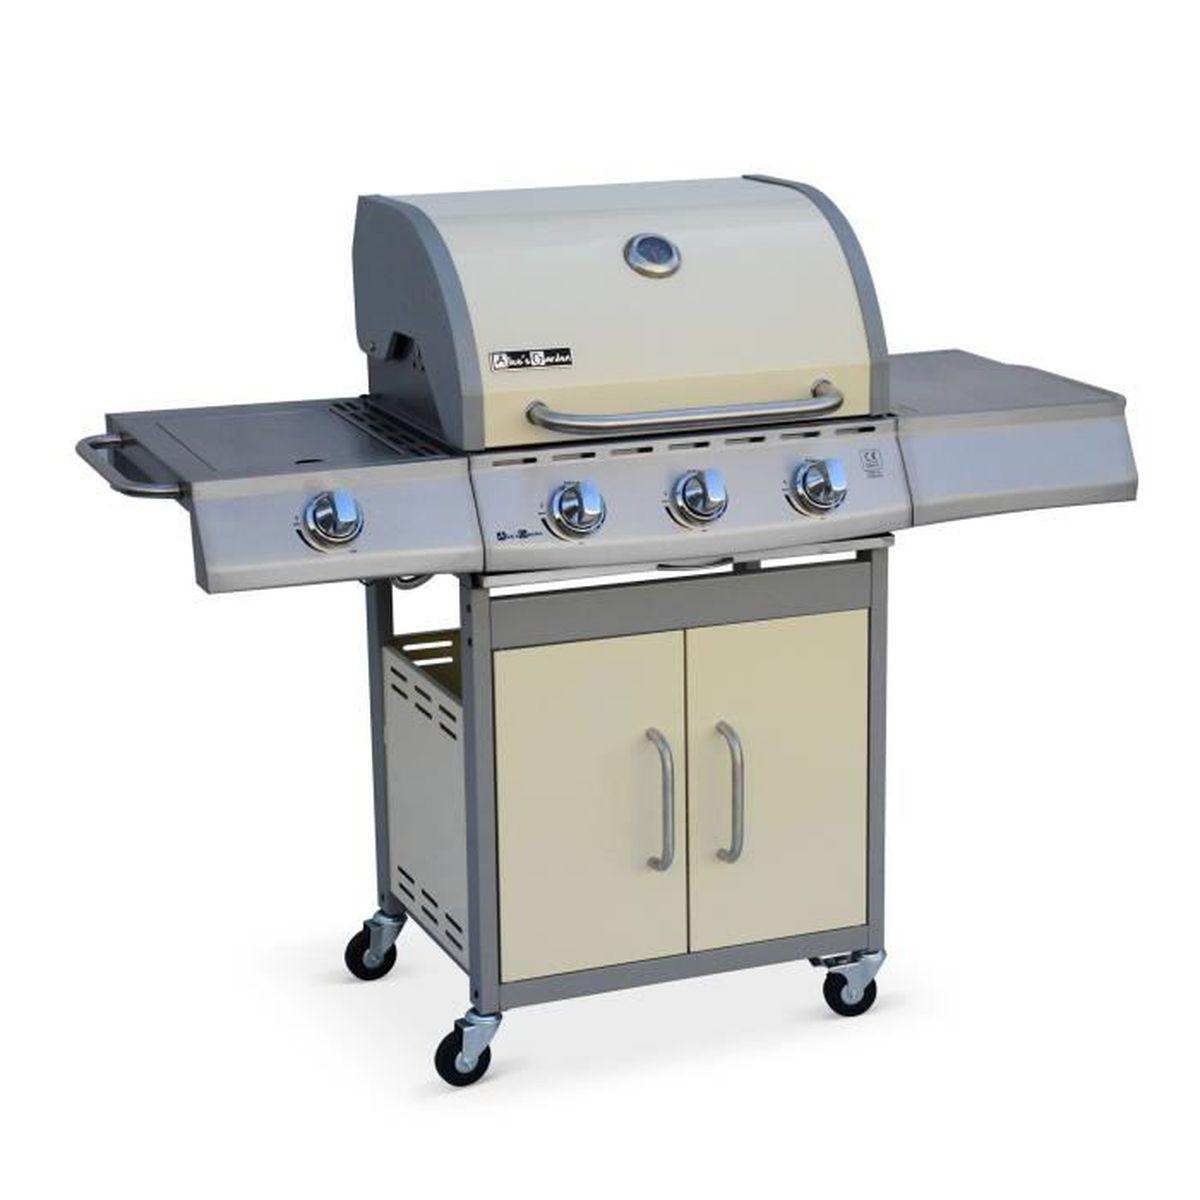 Barbecue Gaz Et Plancha barbecue au gaz richelieu ivoire, 4 brûleurs dont 1 feu